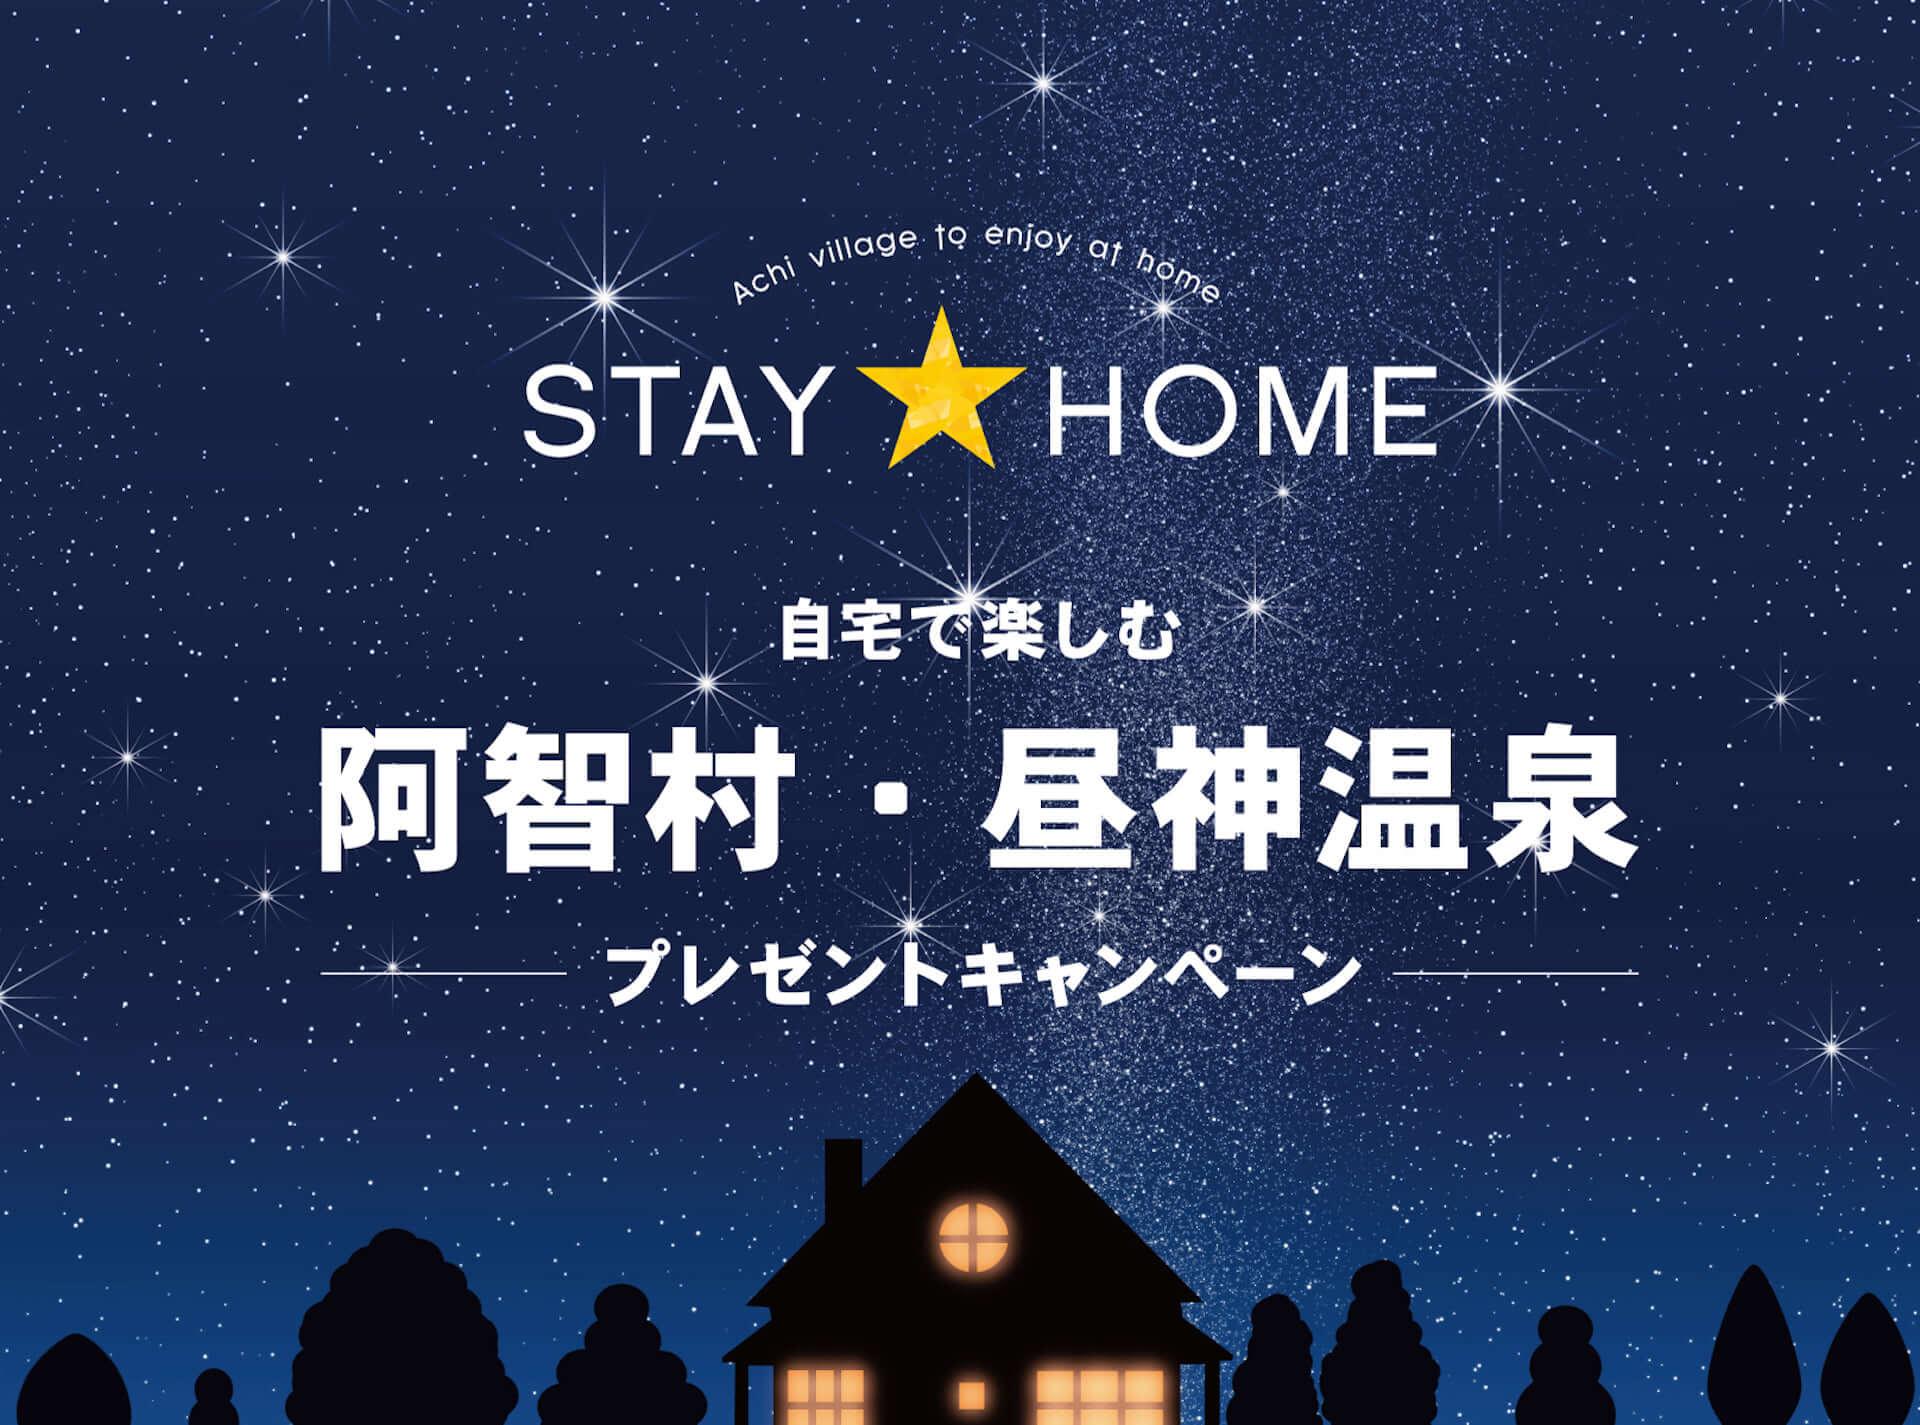 自宅で星空観賞や温泉気分を楽しめる!日本一の星空の村・阿智村の昼神温泉がプレゼントキャンペーンを開始 art200513_hirugami_onsen_1-1920x1425